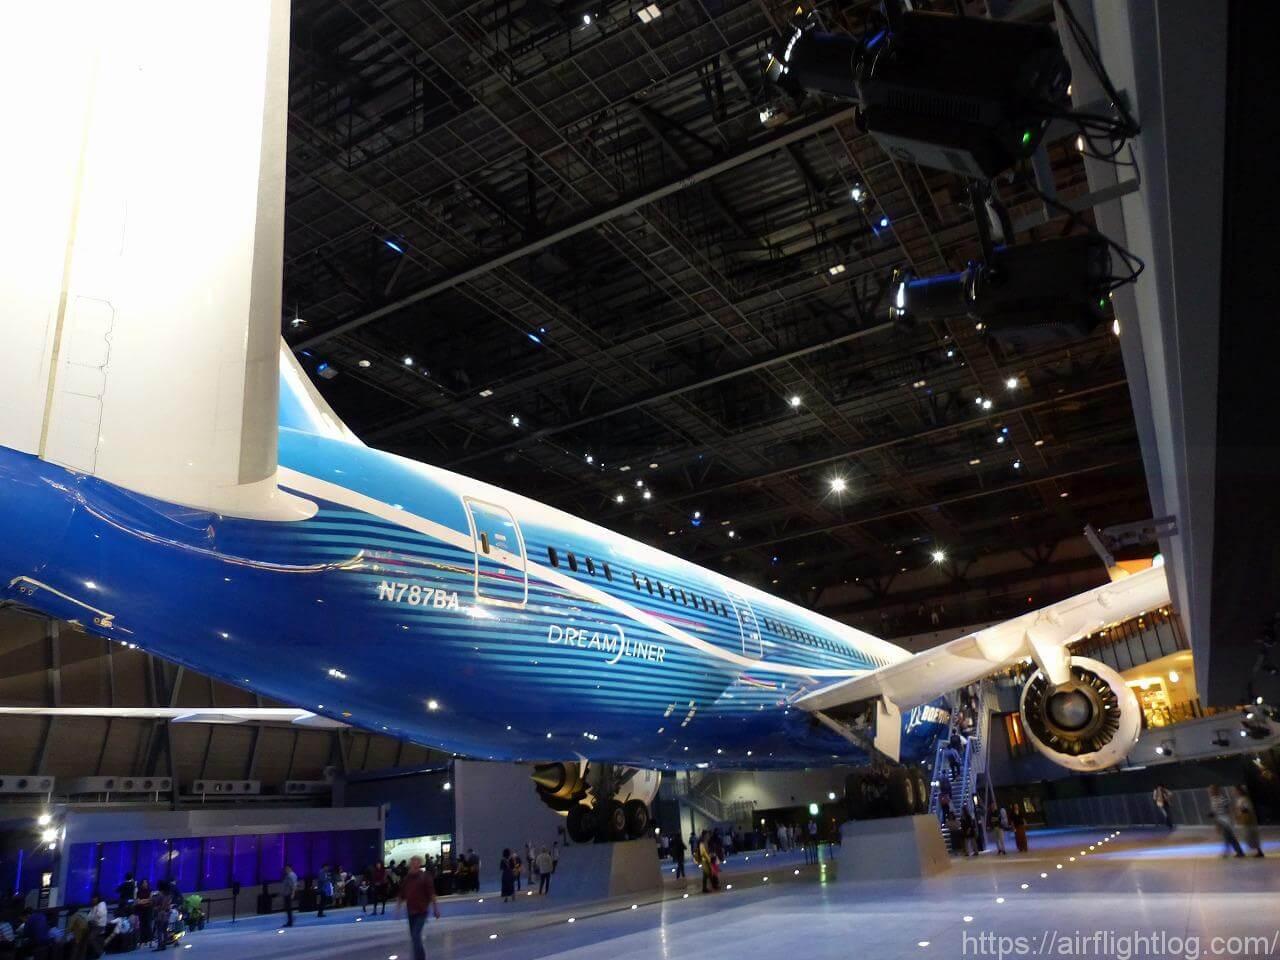 「FLIGHT OF DREAMS(フライト・オブ・ドリームズ)」ボーイング787初号機後ろから